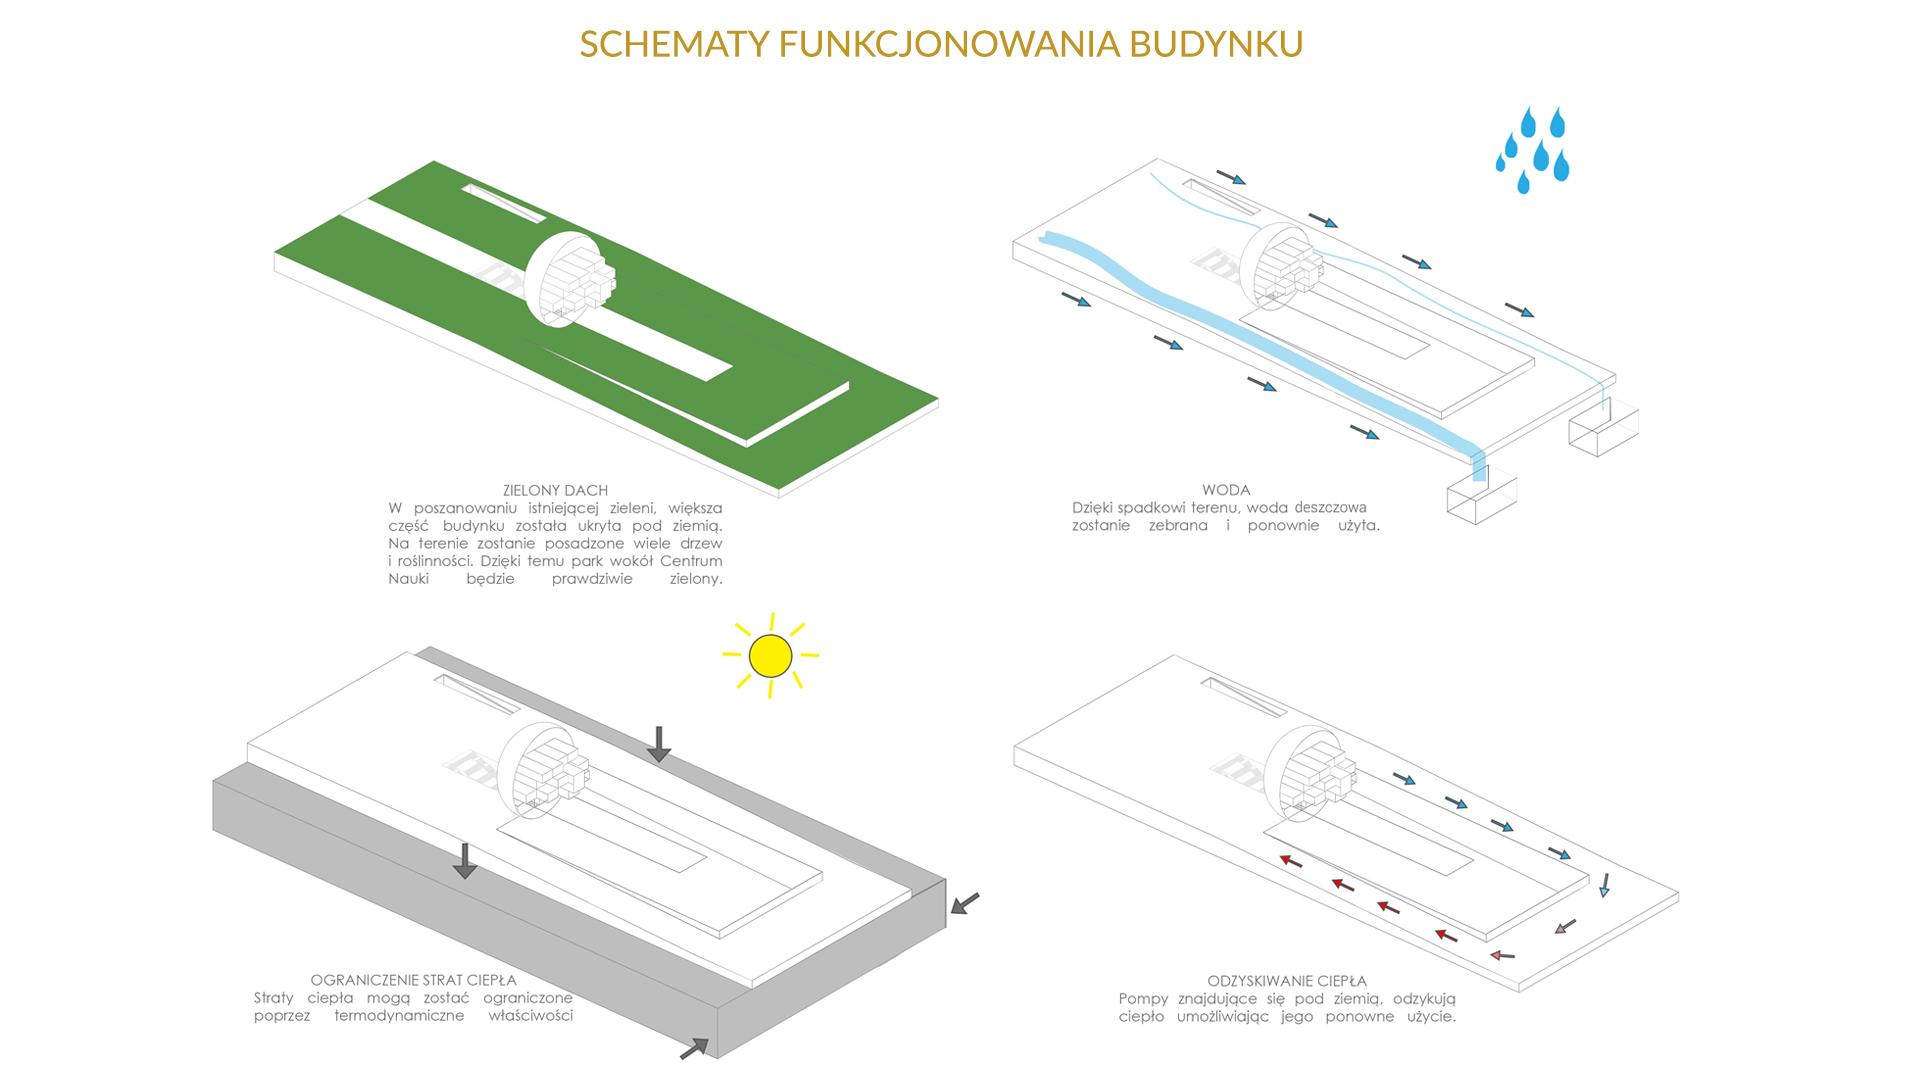 Department of science - schematy funkcjonowania budynku